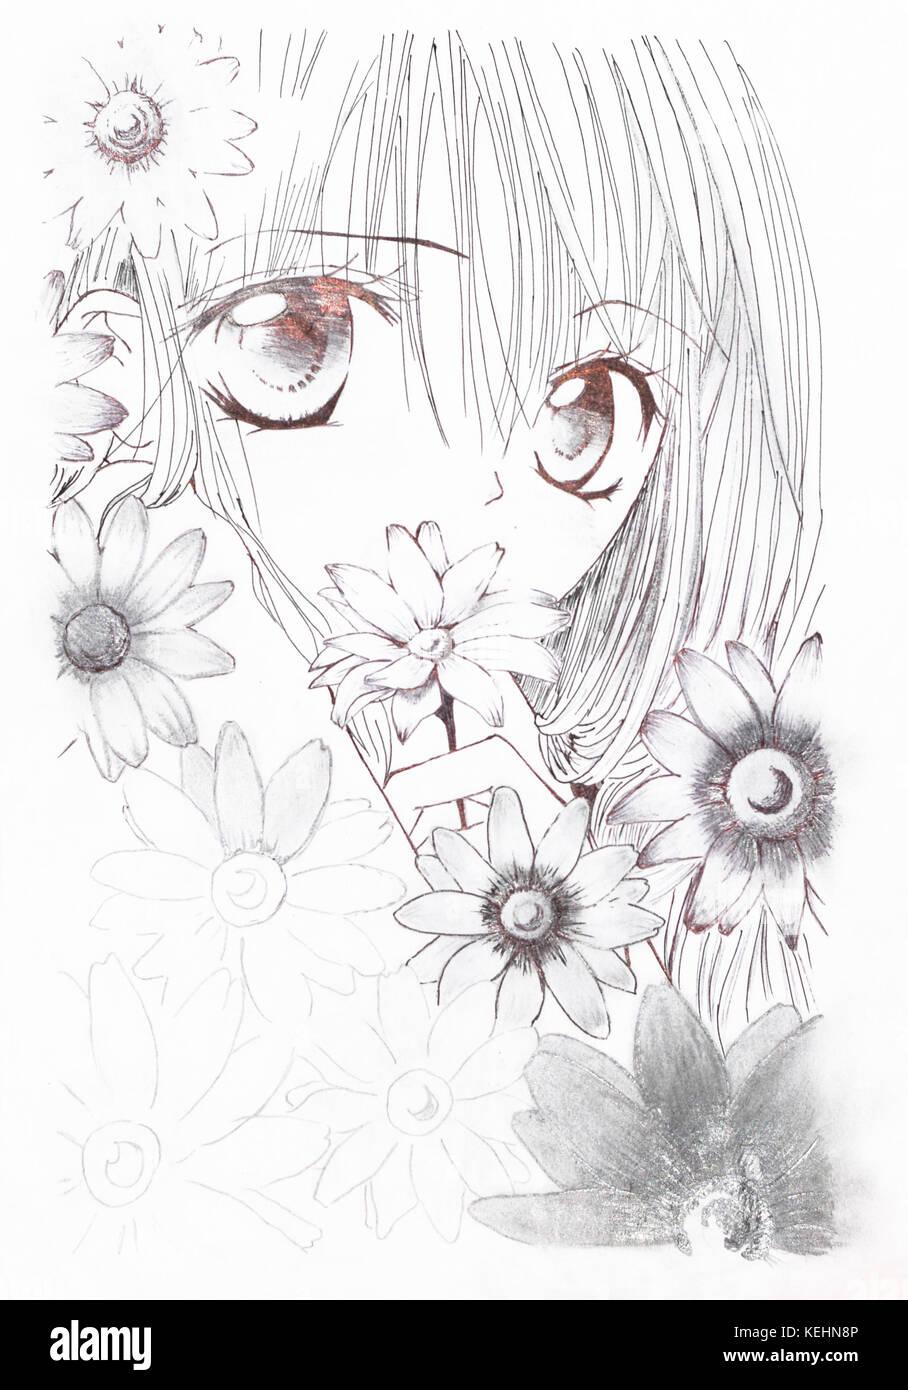 Disegni Di Fiori Giapponesi : disegni, fiori, giapponesi, Disegno, Stile, Anime., Ragazza, Fiori, Nella, Anime, Giapponese, Stock, Alamy